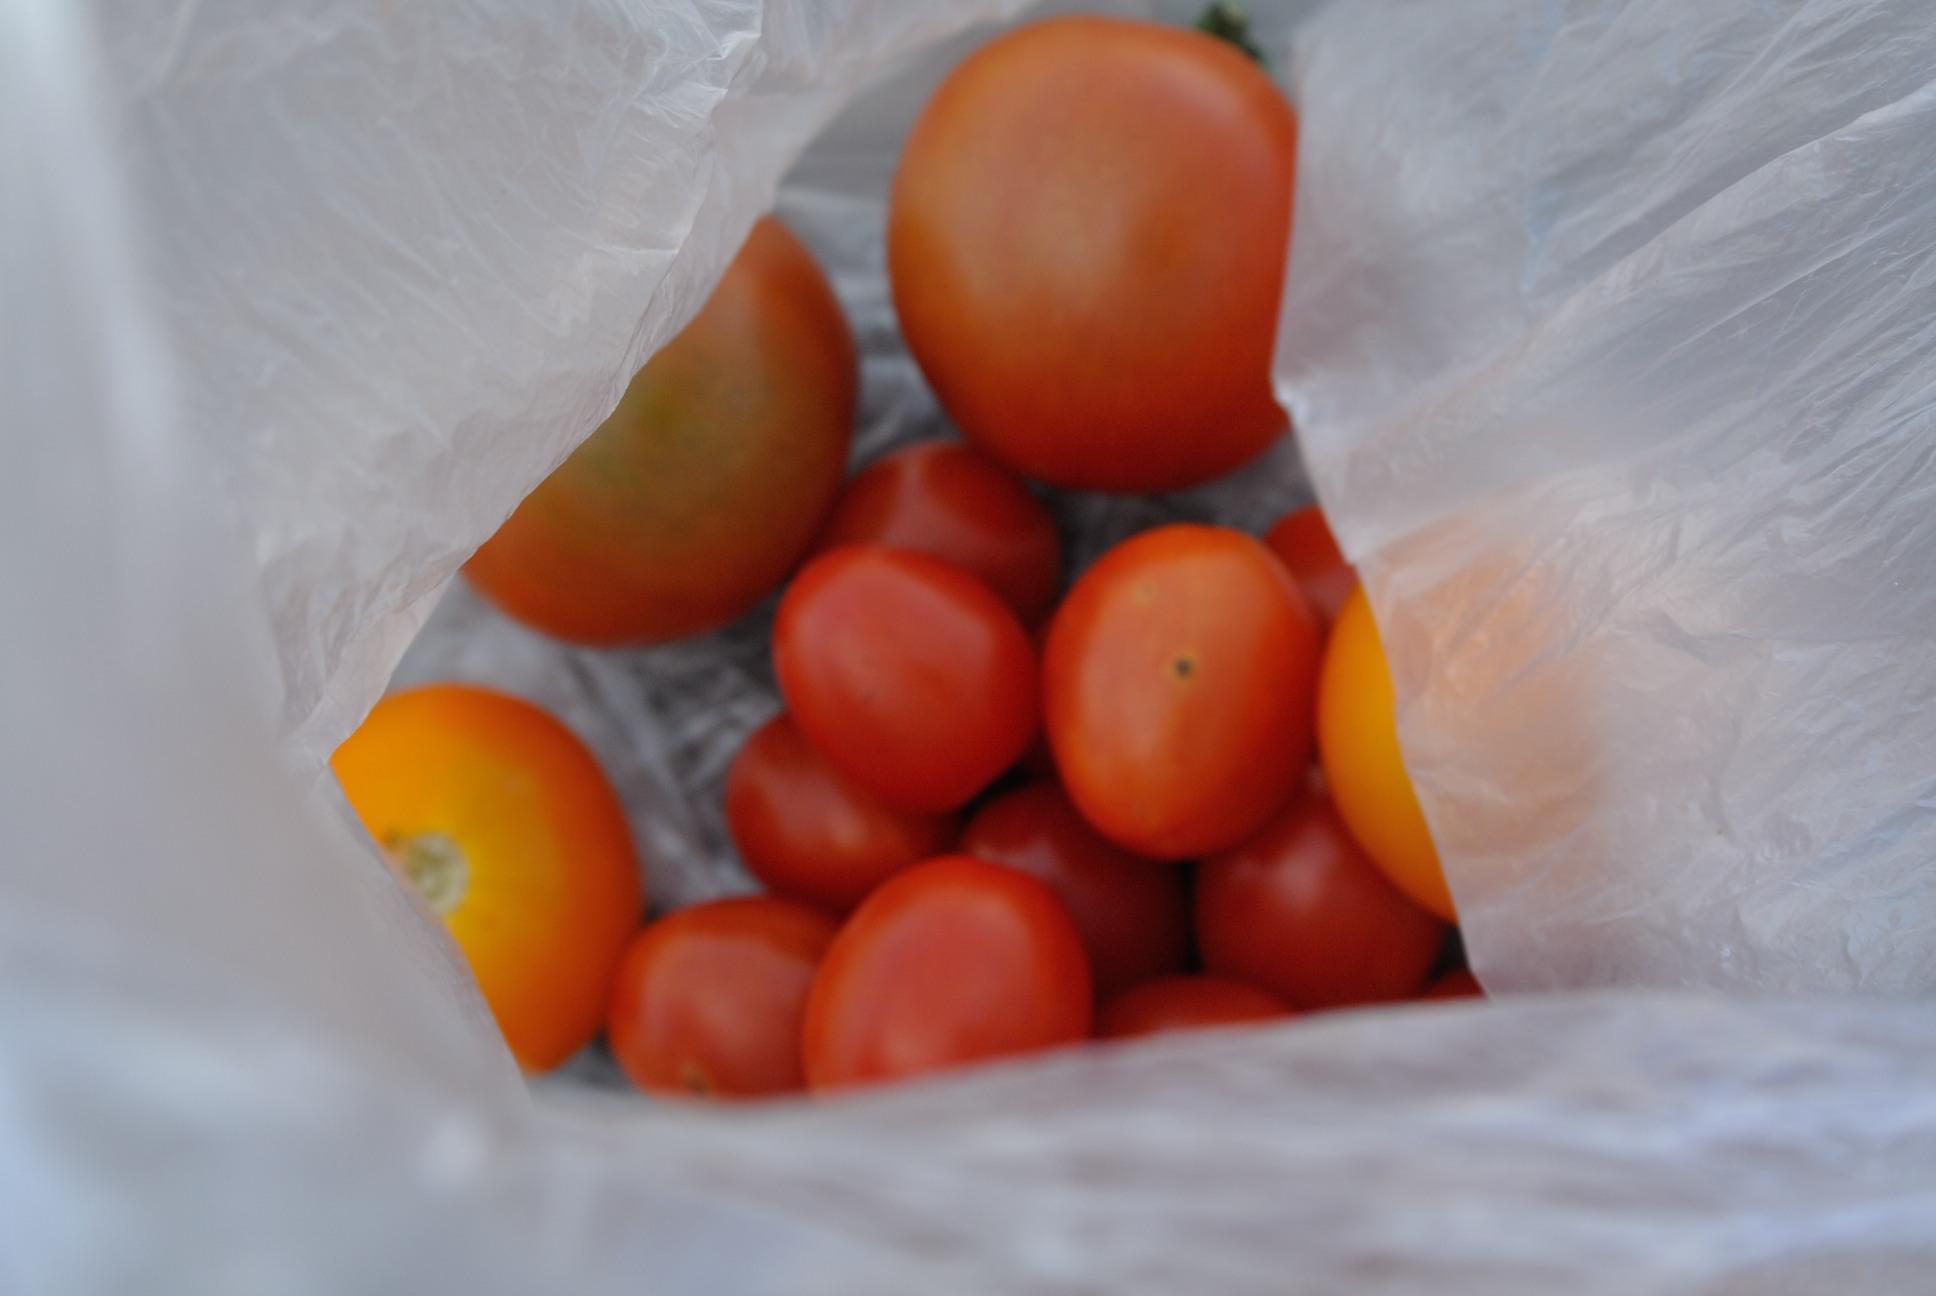 トマト貰った